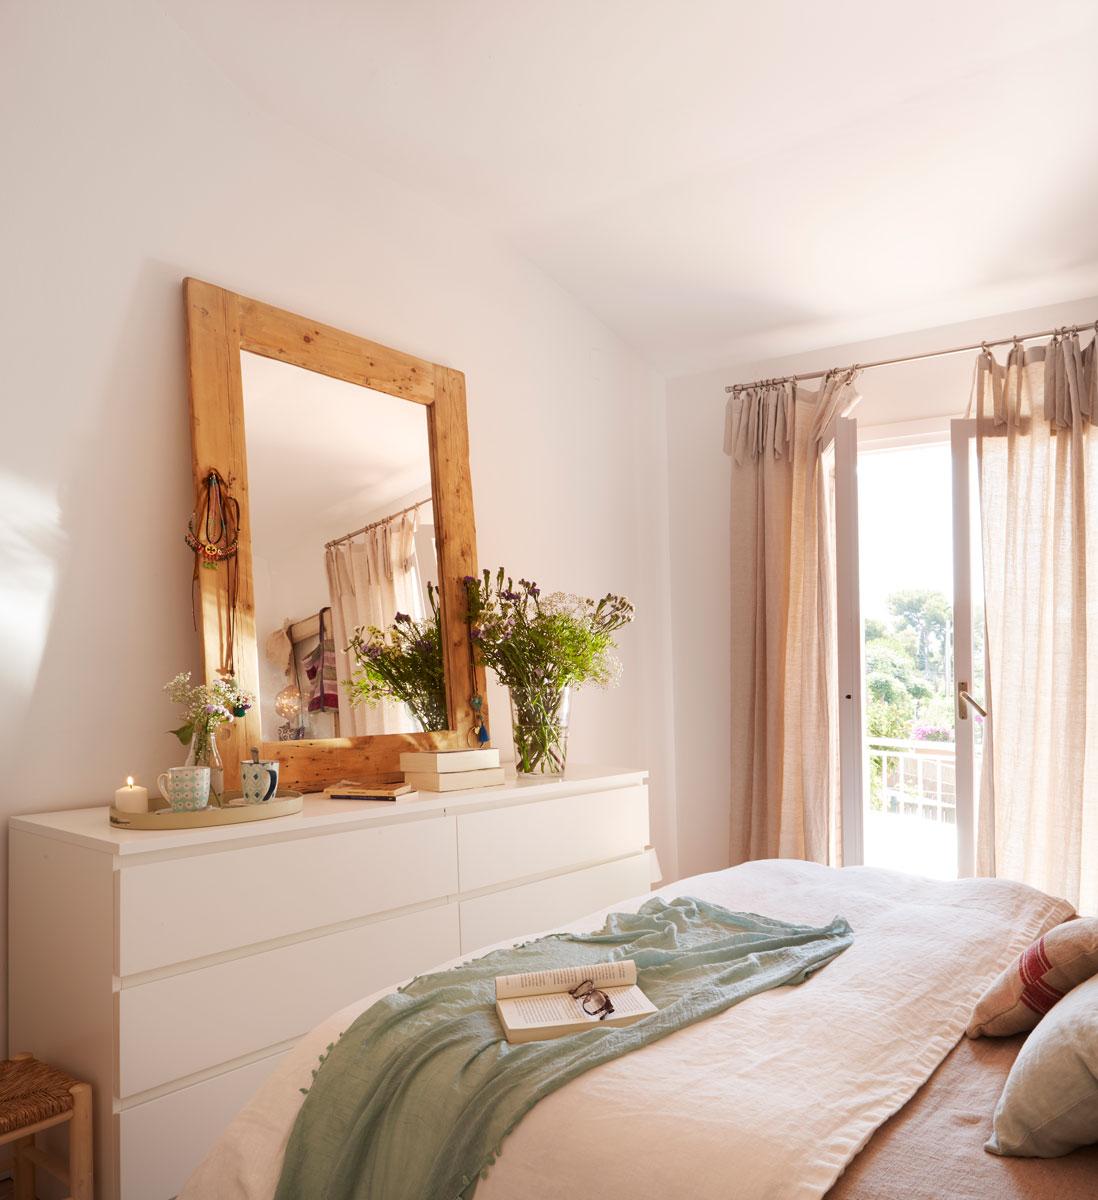 Orden en el dormitorio for Donde colocar espejos en el dormitorio